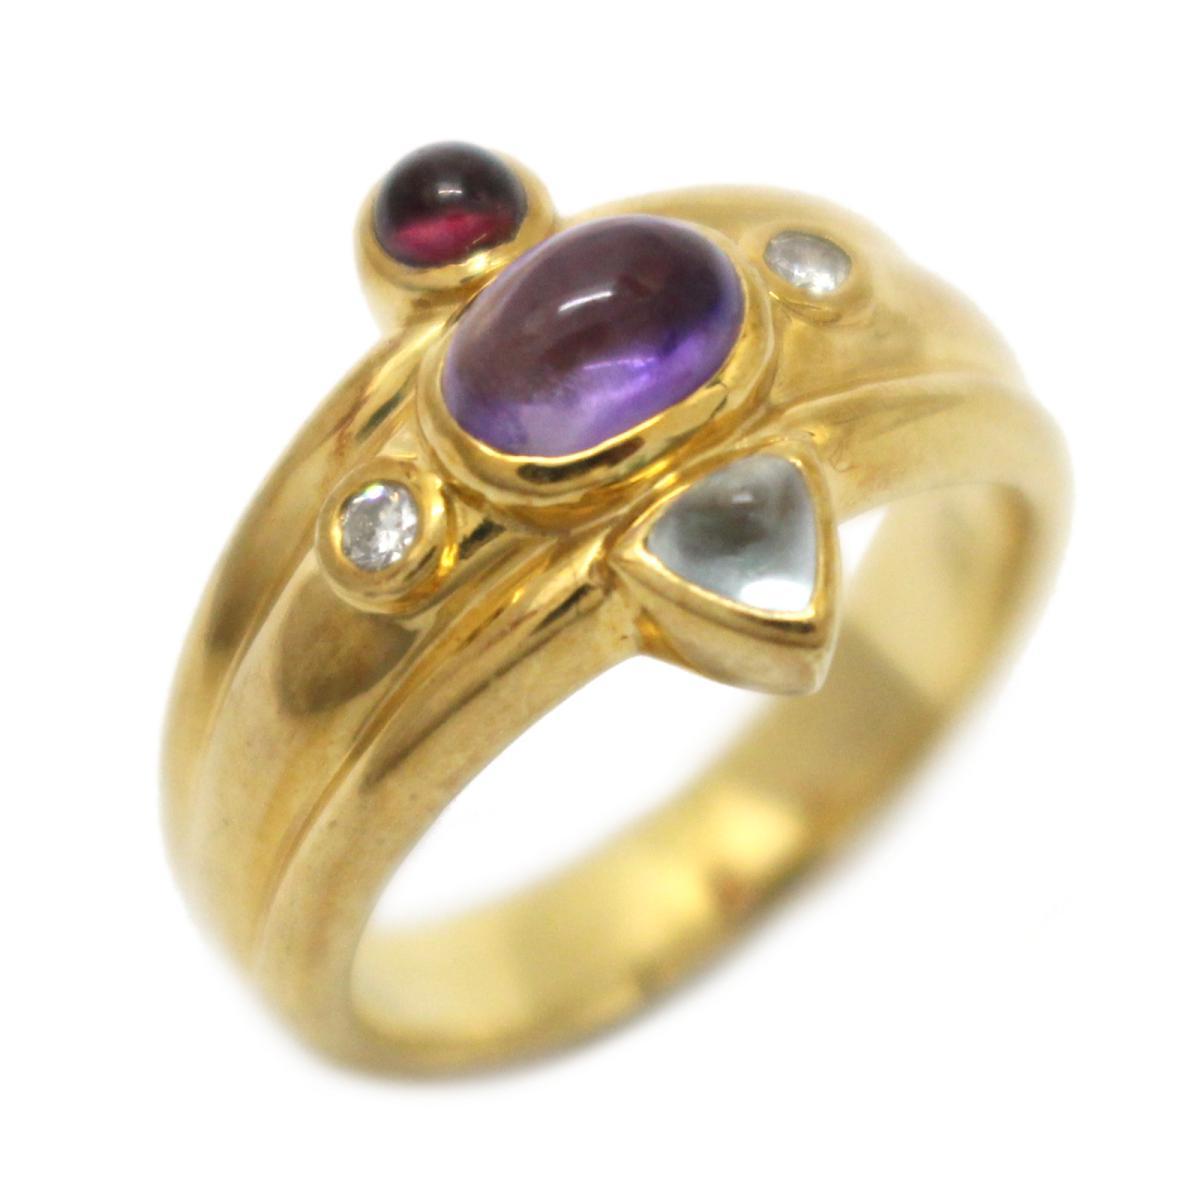 【中古】 ジュエリー マルチストーン リング 指輪 レディース K18YG (750) イエローゴールド x アメジスト ブルートパーズ トルマリン ダイヤモンド | JEWELRY BRANDOFF ブランドオフ ブランド アクセサリー